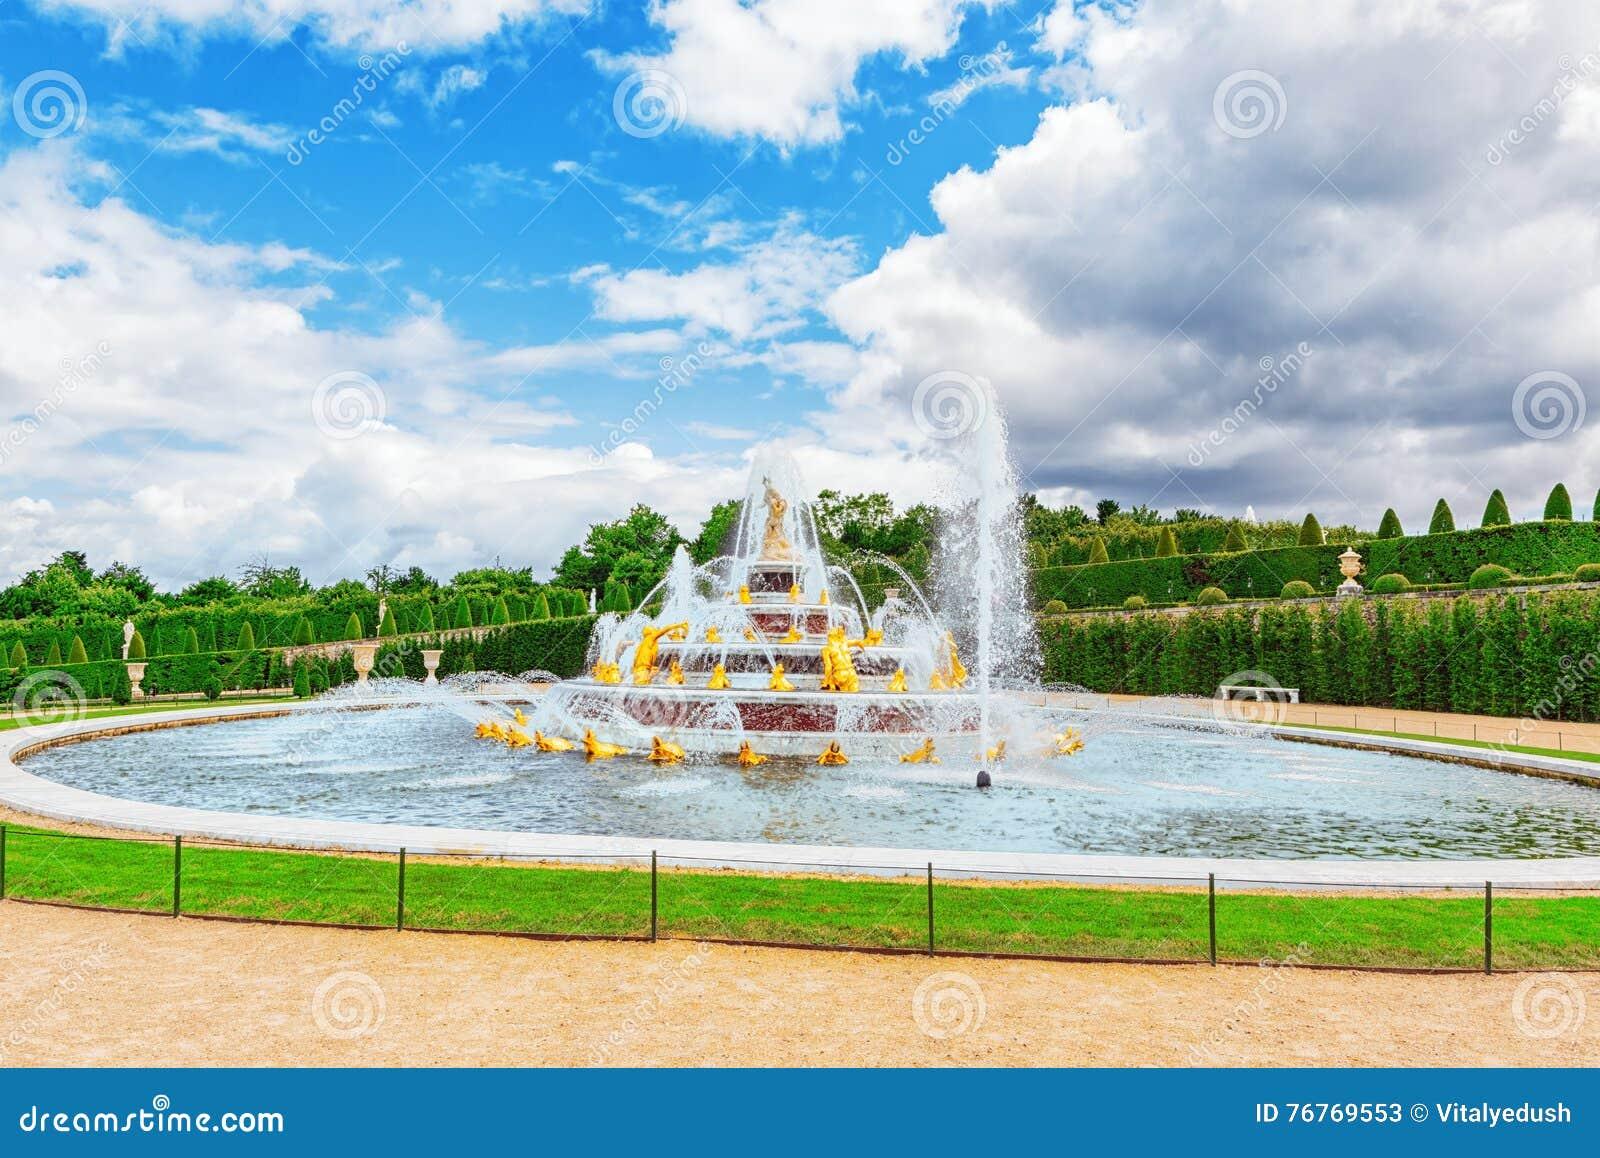 Versailles france 2 juillet 2016 piscine de fontaine for Piscine versailles